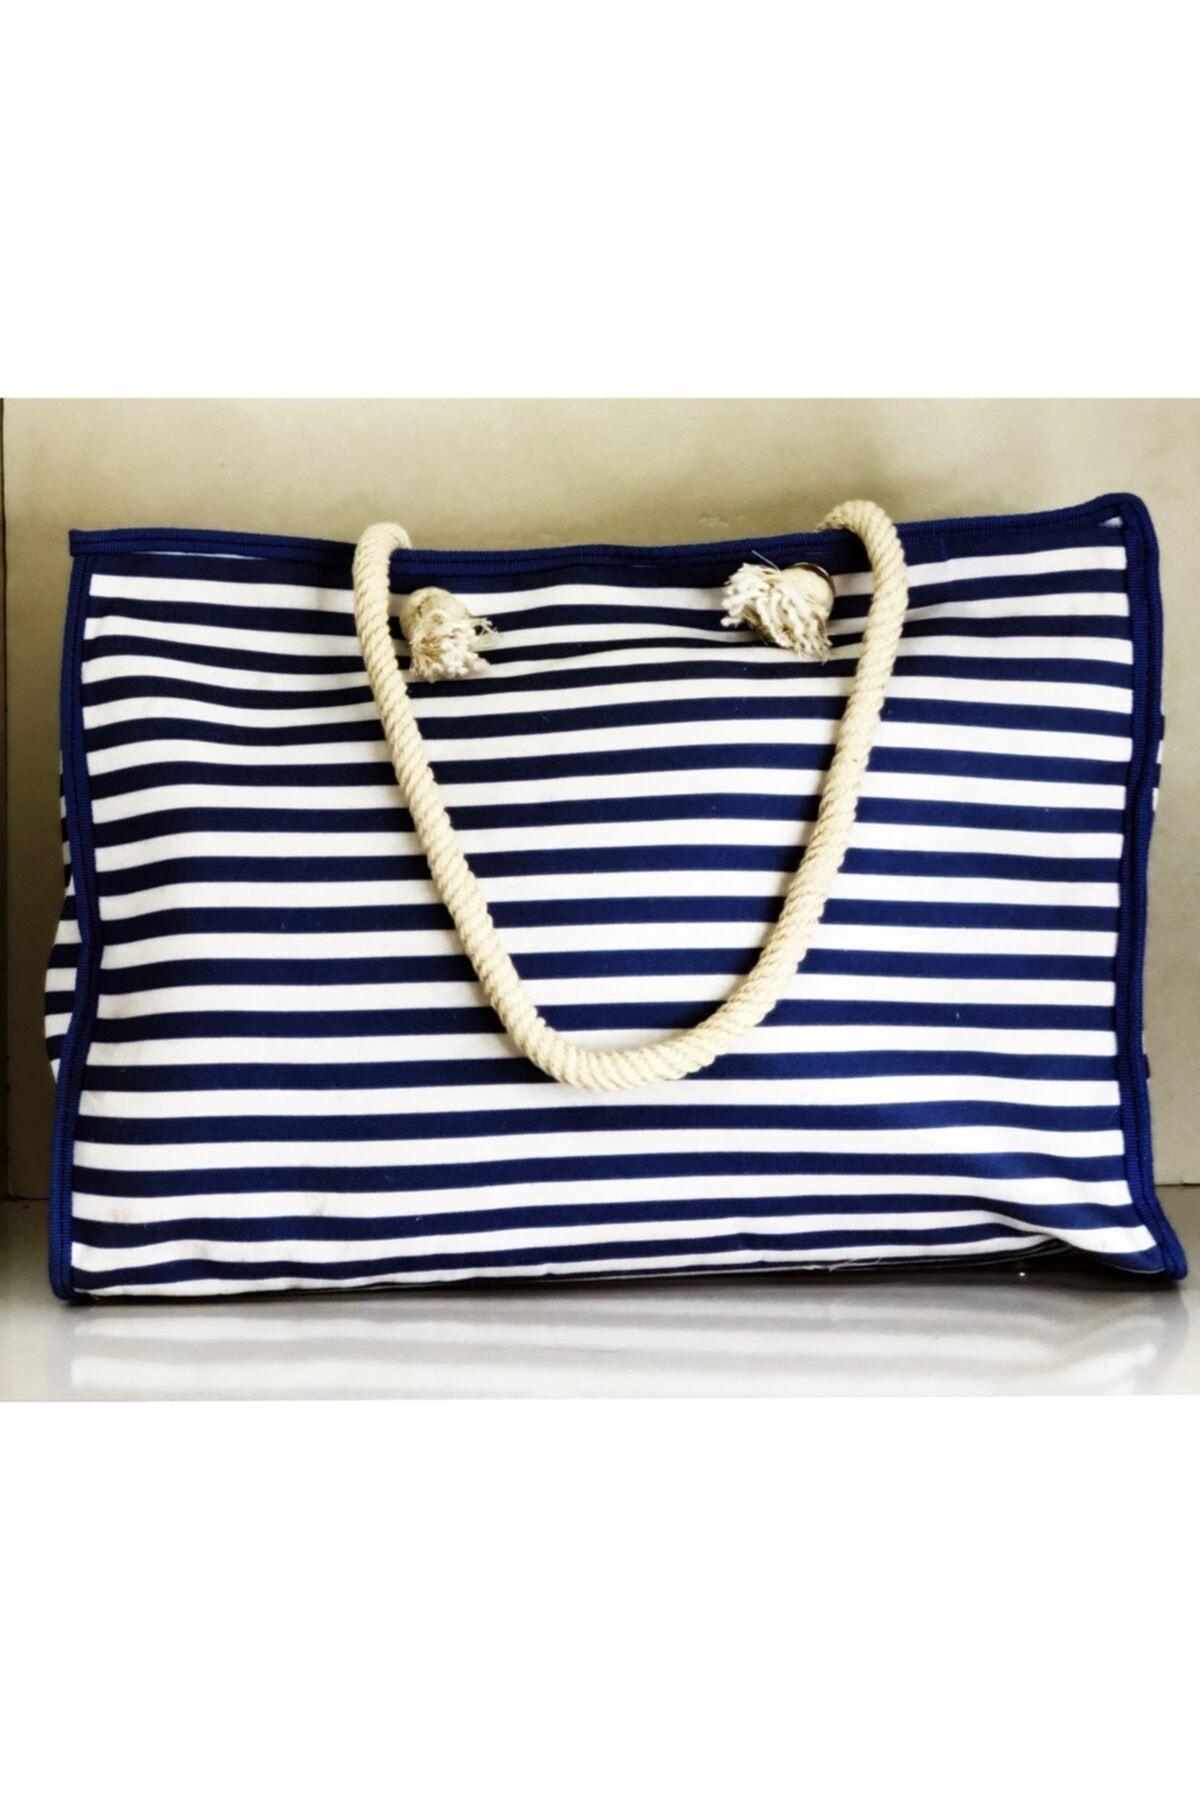 Kadın Mavi Beyaz Çanta - Seyahat Çantası - Plaj Çantası